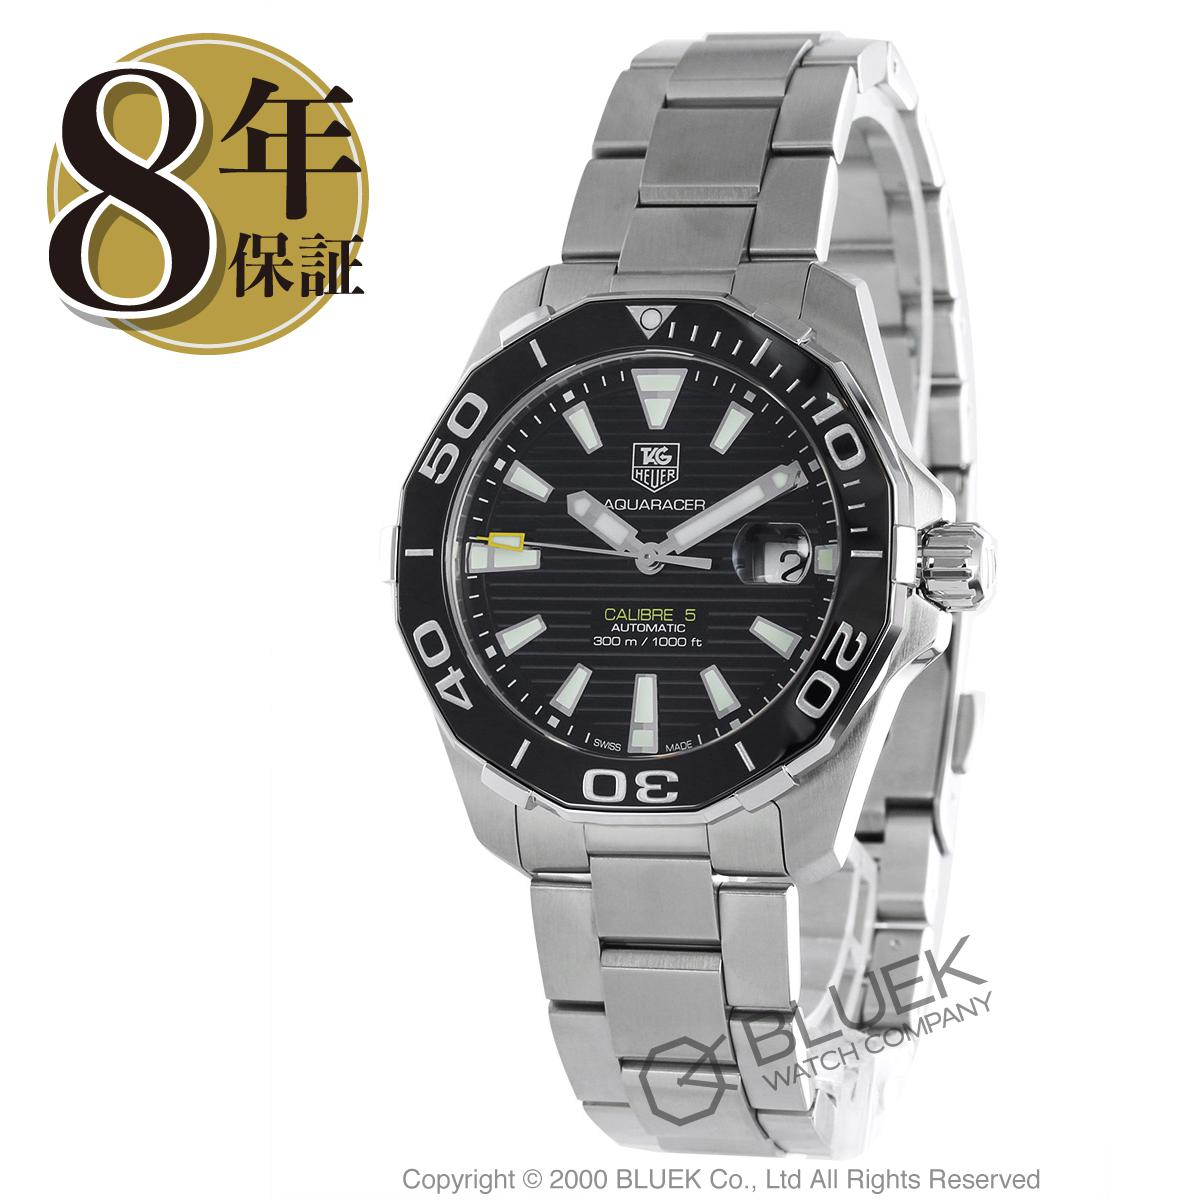 タグホイヤー アクアレーサー 300m防水 腕時計 メンズ TAG Heuer WAY211A.BA0928_8 バーゲン ギフト プレゼント